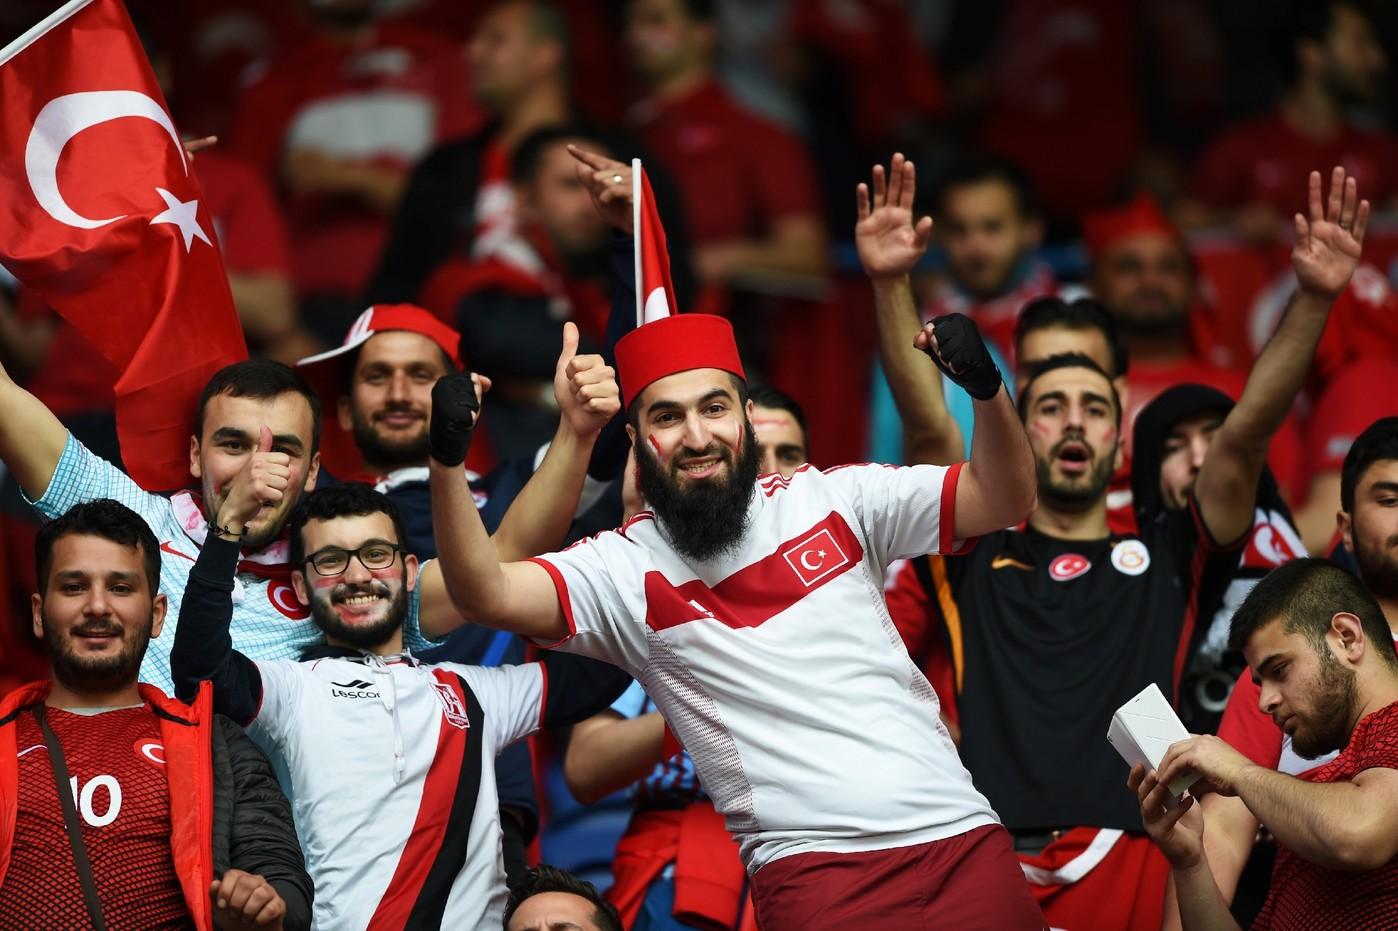 Евро-2020, сборная Турции по футболу, Сборная Швейцарии по футболу